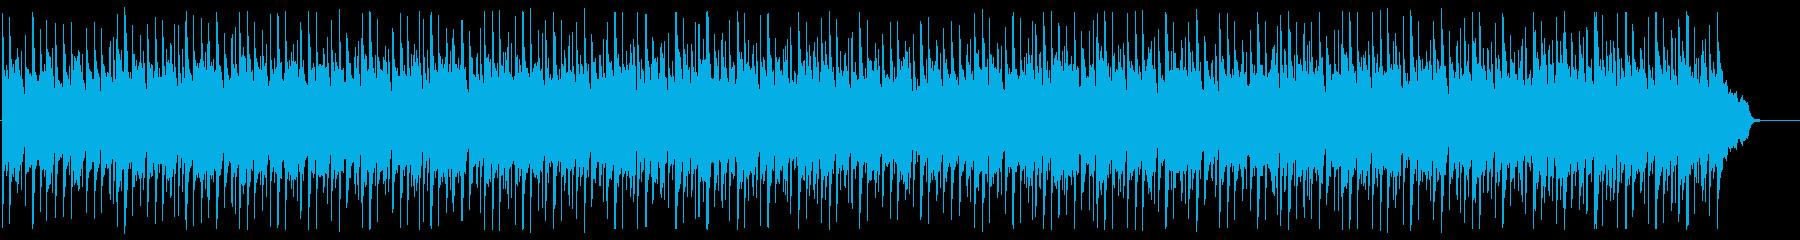 落ち着いたリラクゼーションミュージックの再生済みの波形